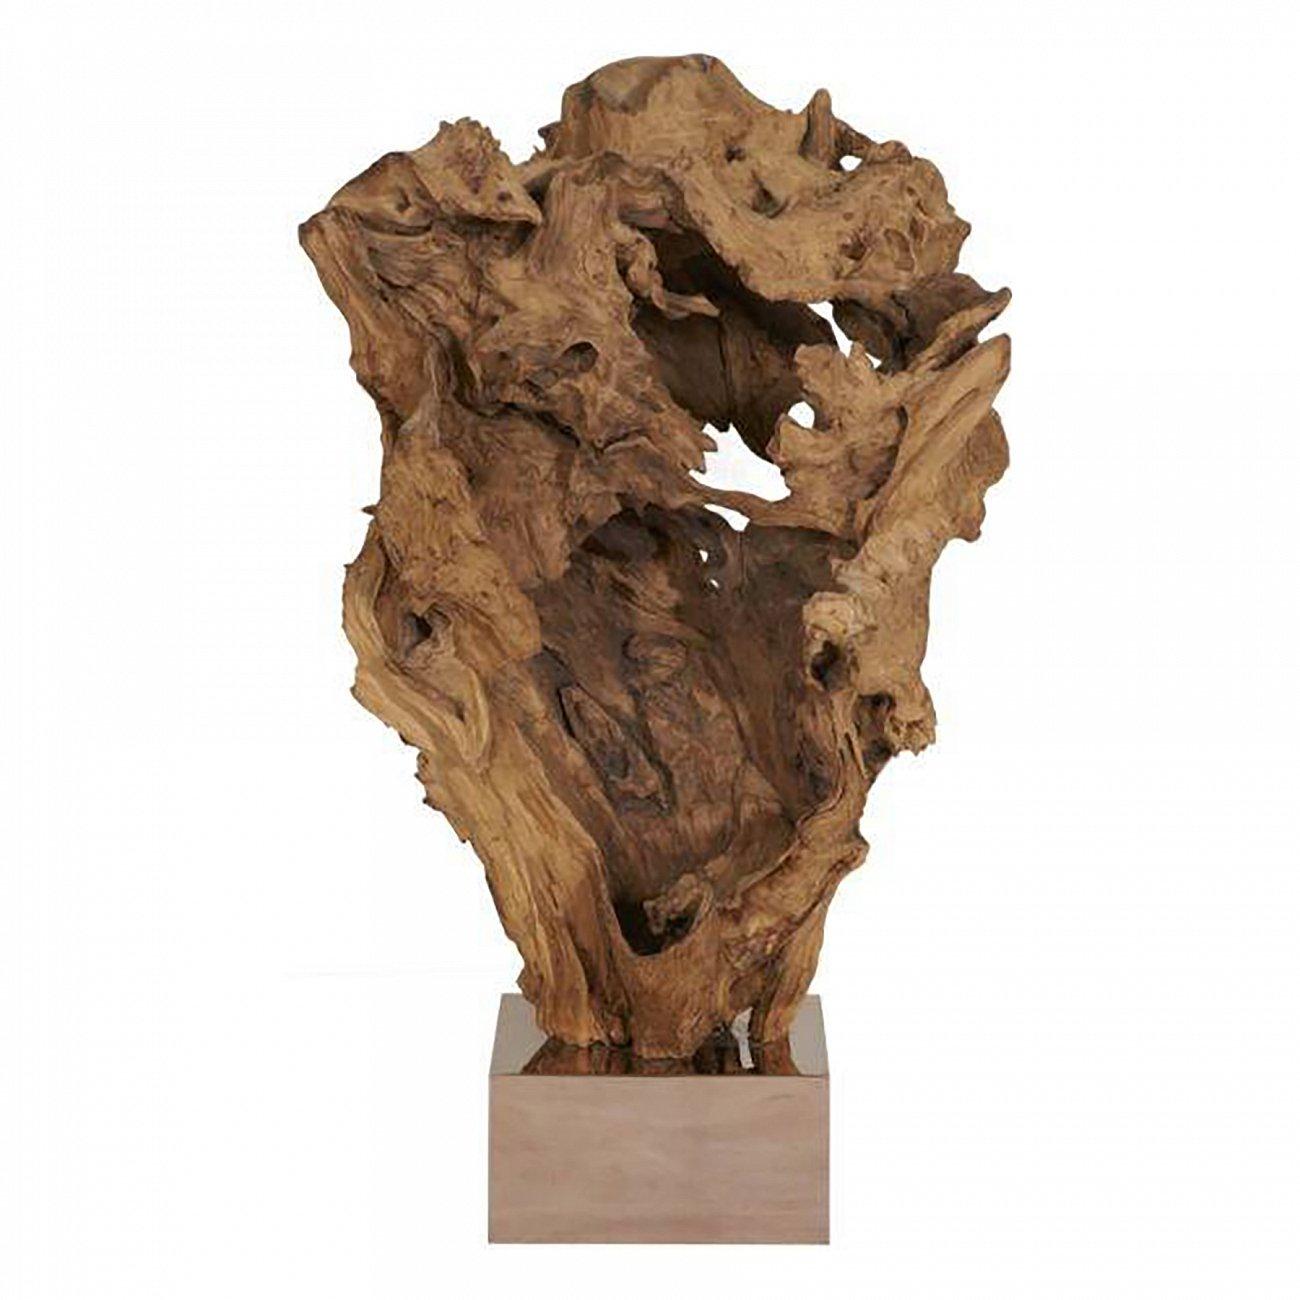 Купить Декор Burlwood 102 cm в интернет магазине дизайнерской мебели и аксессуаров для дома и дачи